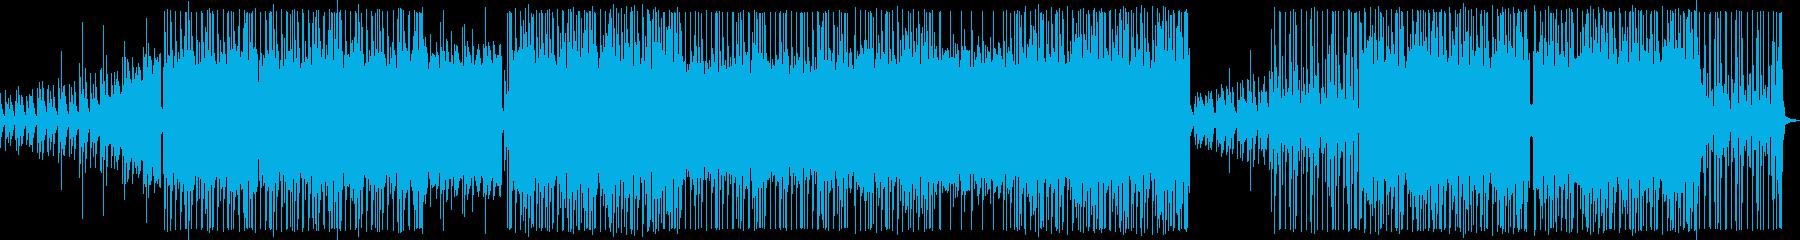 レゲトン×トラップ ヒップホップの再生済みの波形